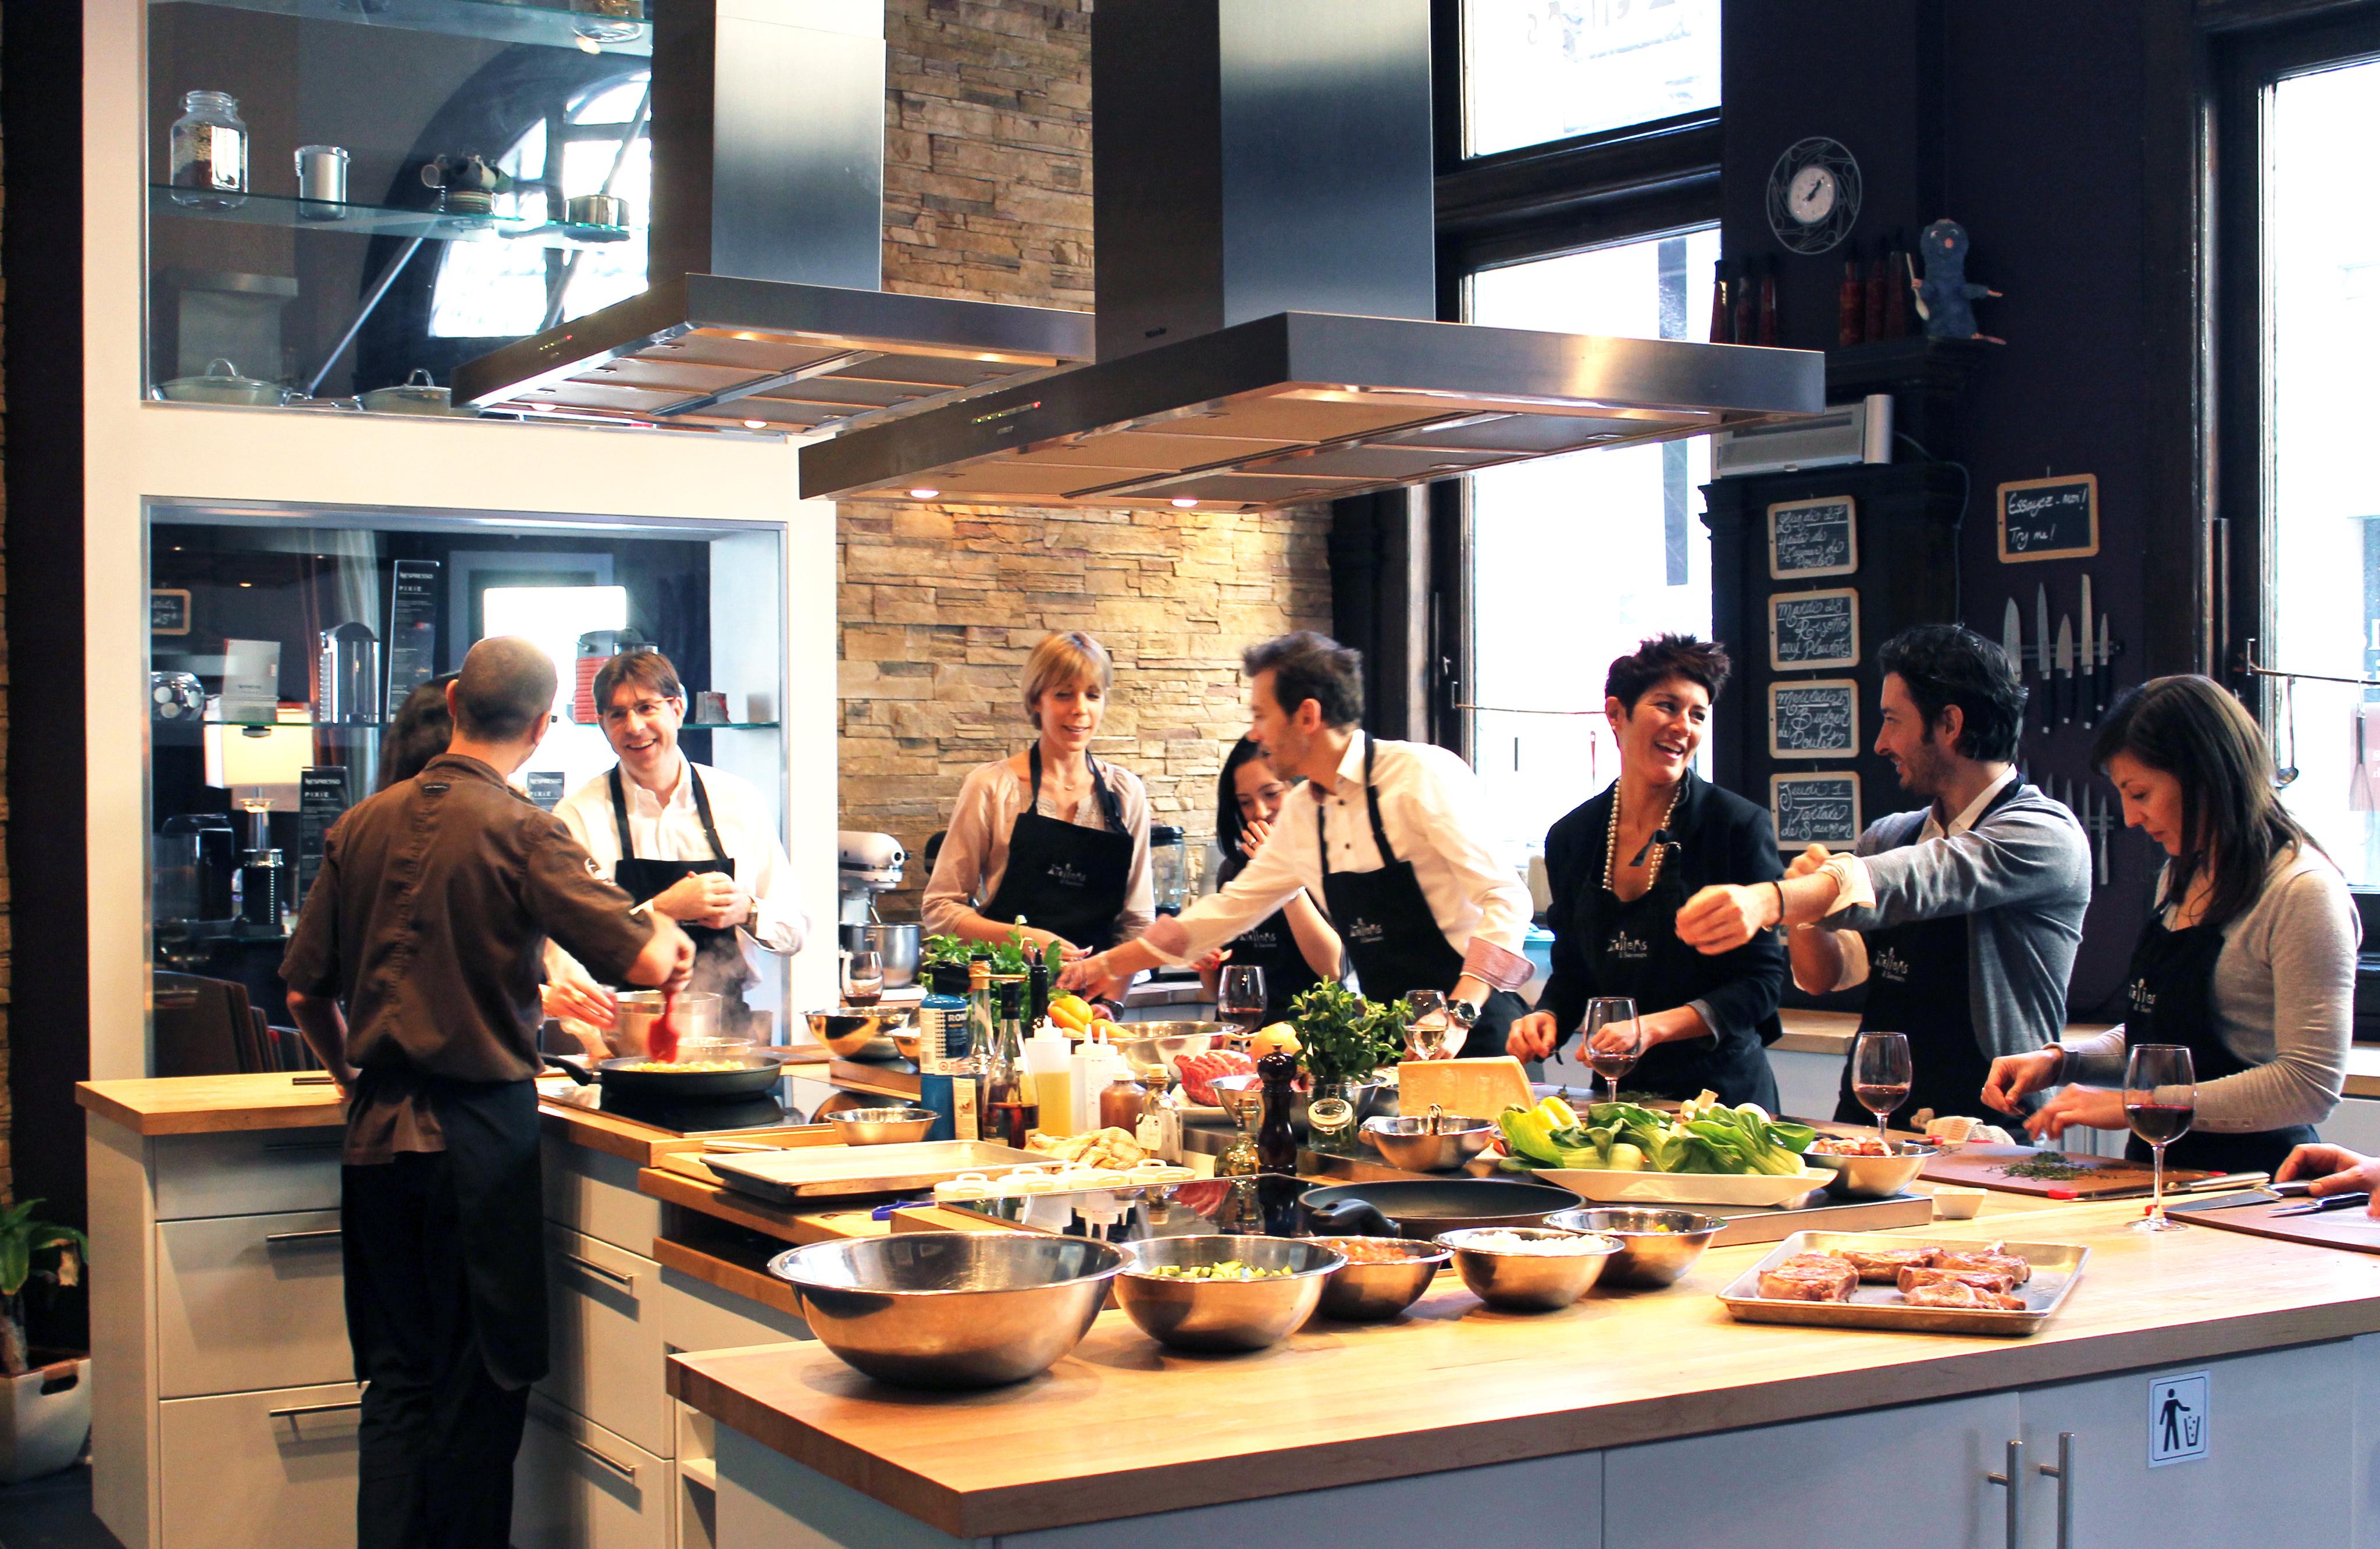 Ateliers saveurs cole de cuisine cocktails et vins for Cours cuisine